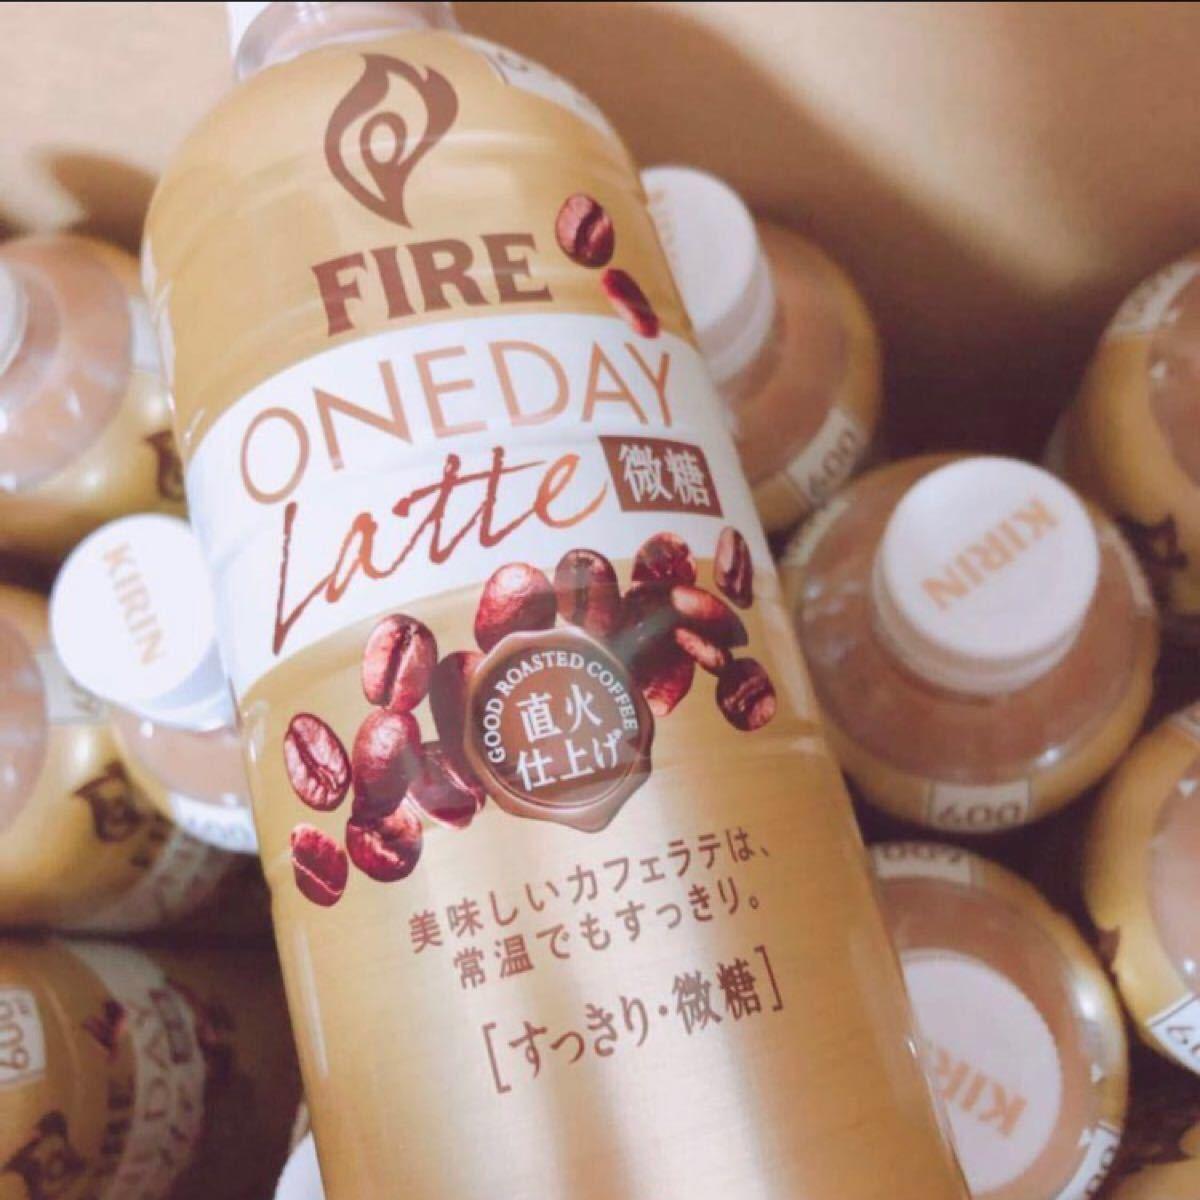 24本 キリン FIRE 微糖